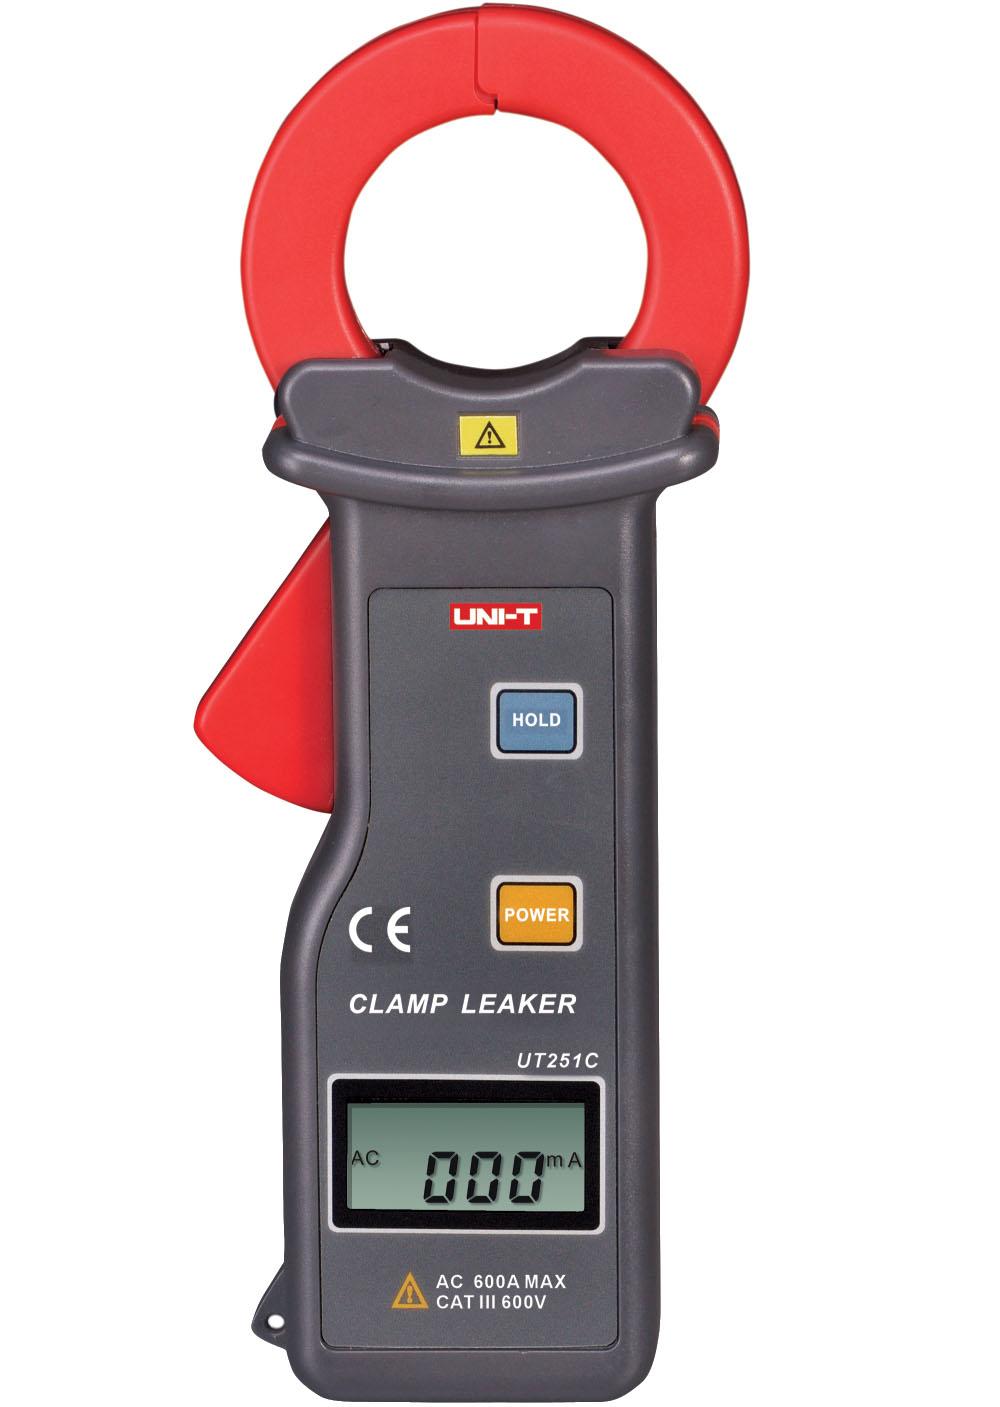 UNI-T UT251C - Leakage Current Clamp Meter  0-600A